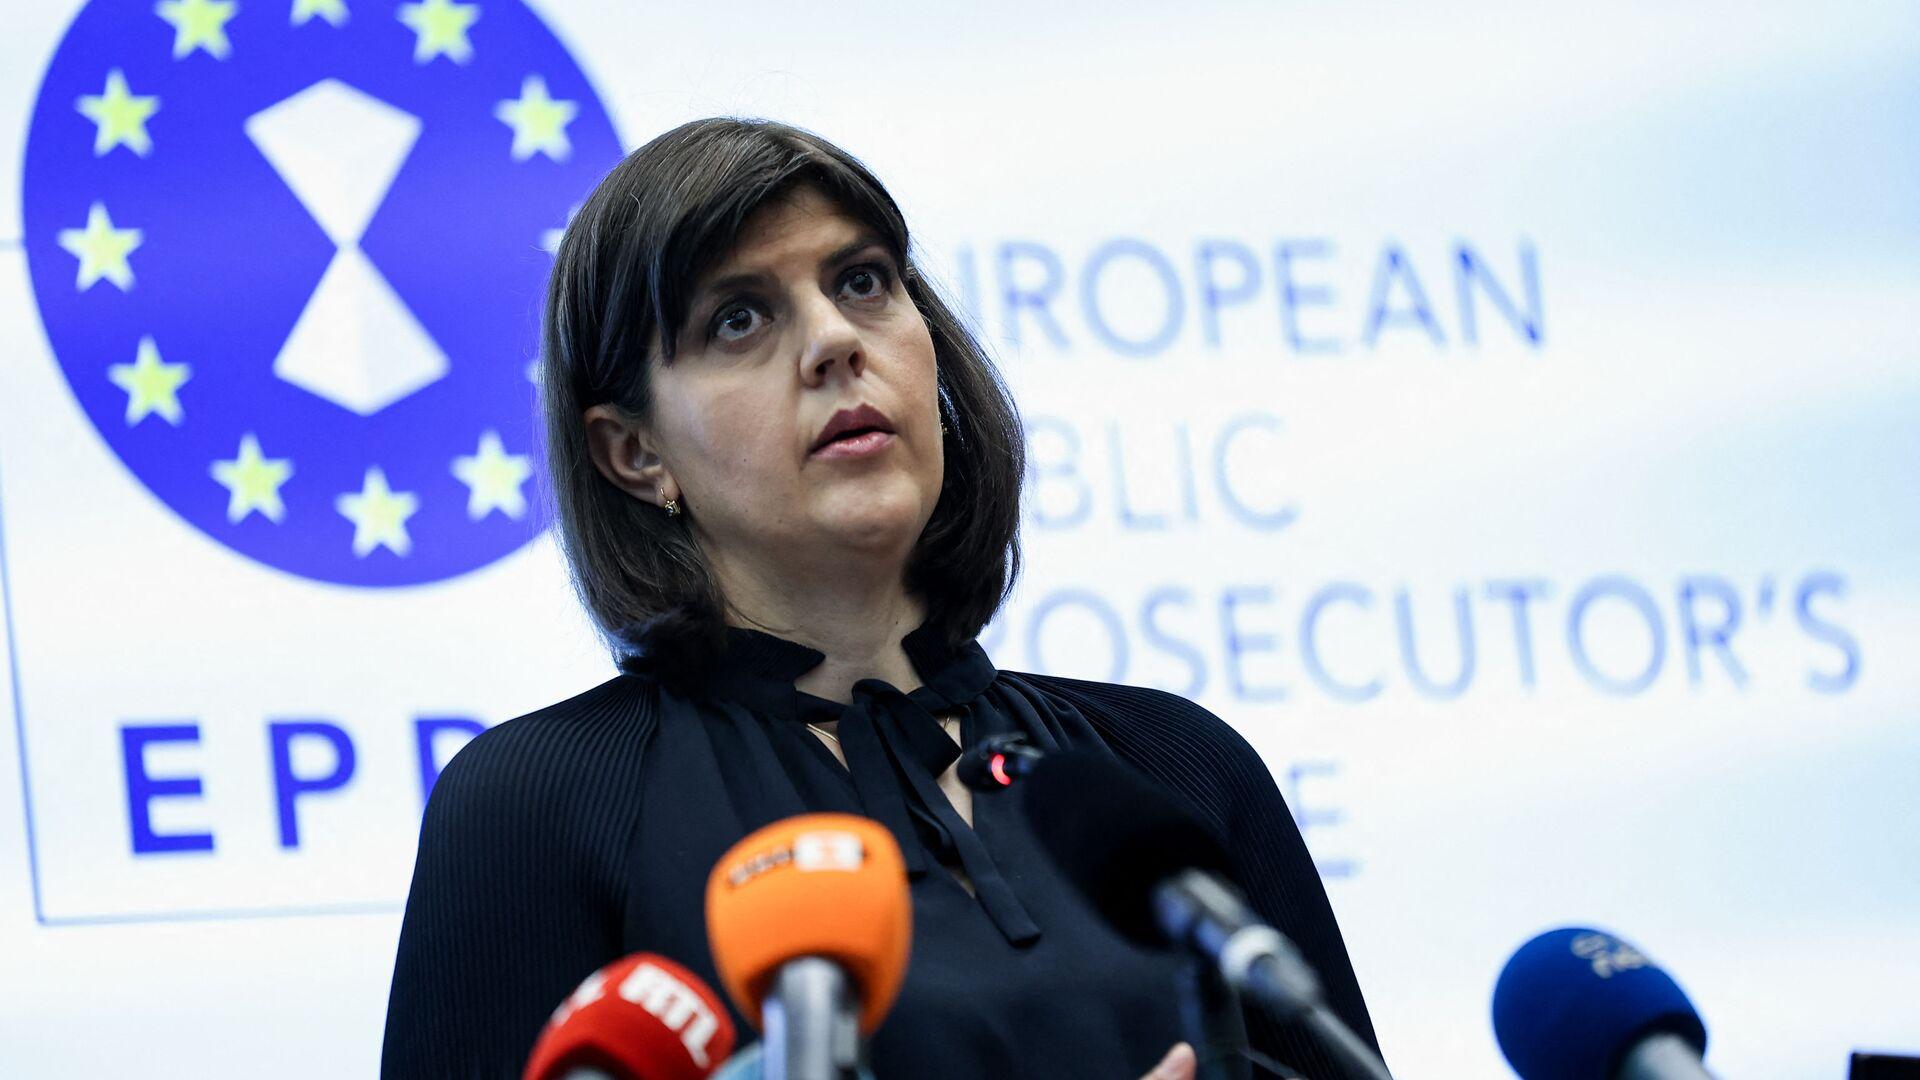 Procuratore capo europeo della Procura europea (EPPO) Laura Codruta Kovesi  - Sputnik Italia, 1920, 01.06.2021